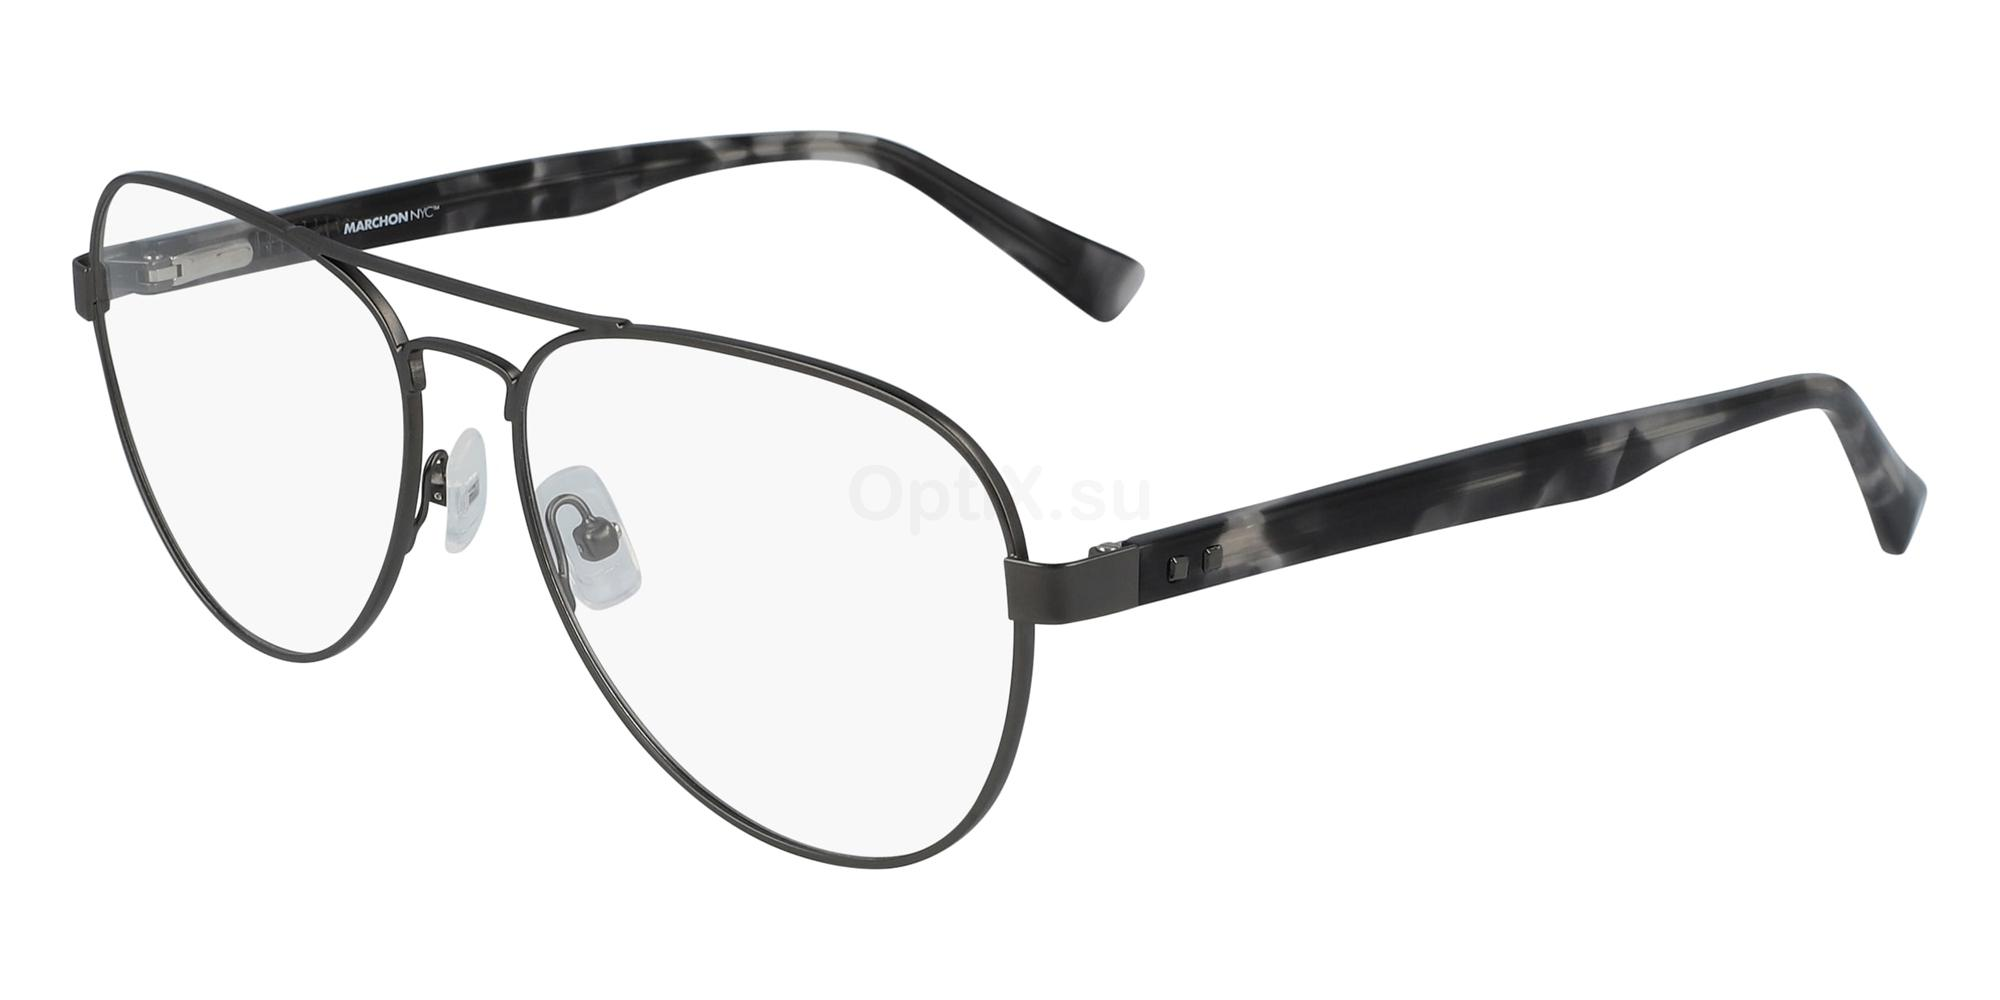 033 M-8002 Glasses, Marchon